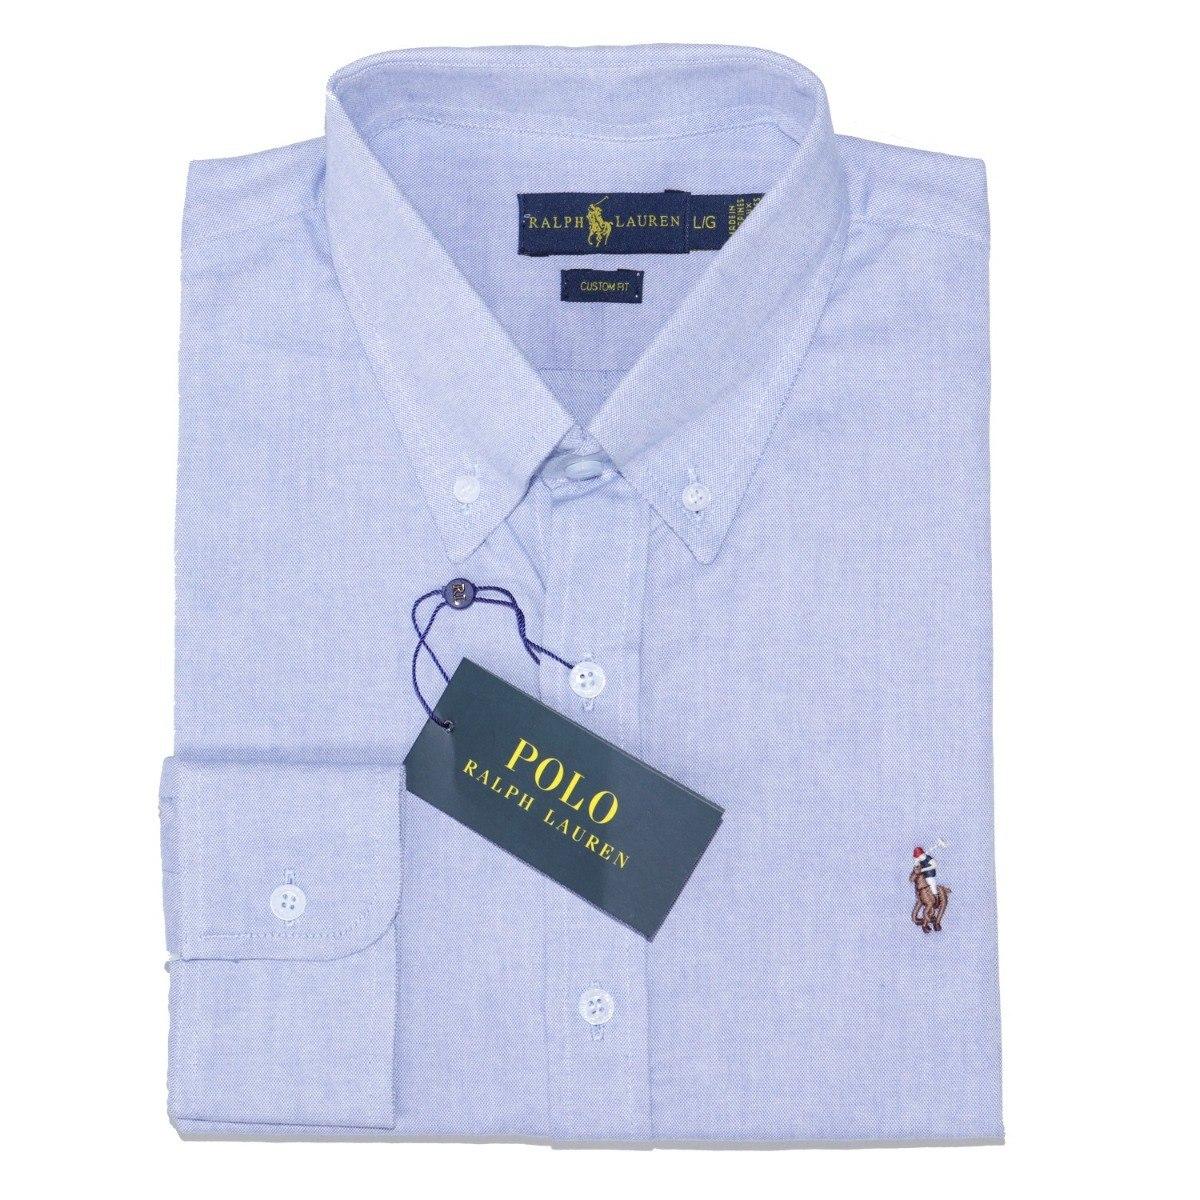 5ff6255d29d camisa social ralph lauren masc cst fit azul oxford original. Carregando  zoom. ... d848691447c